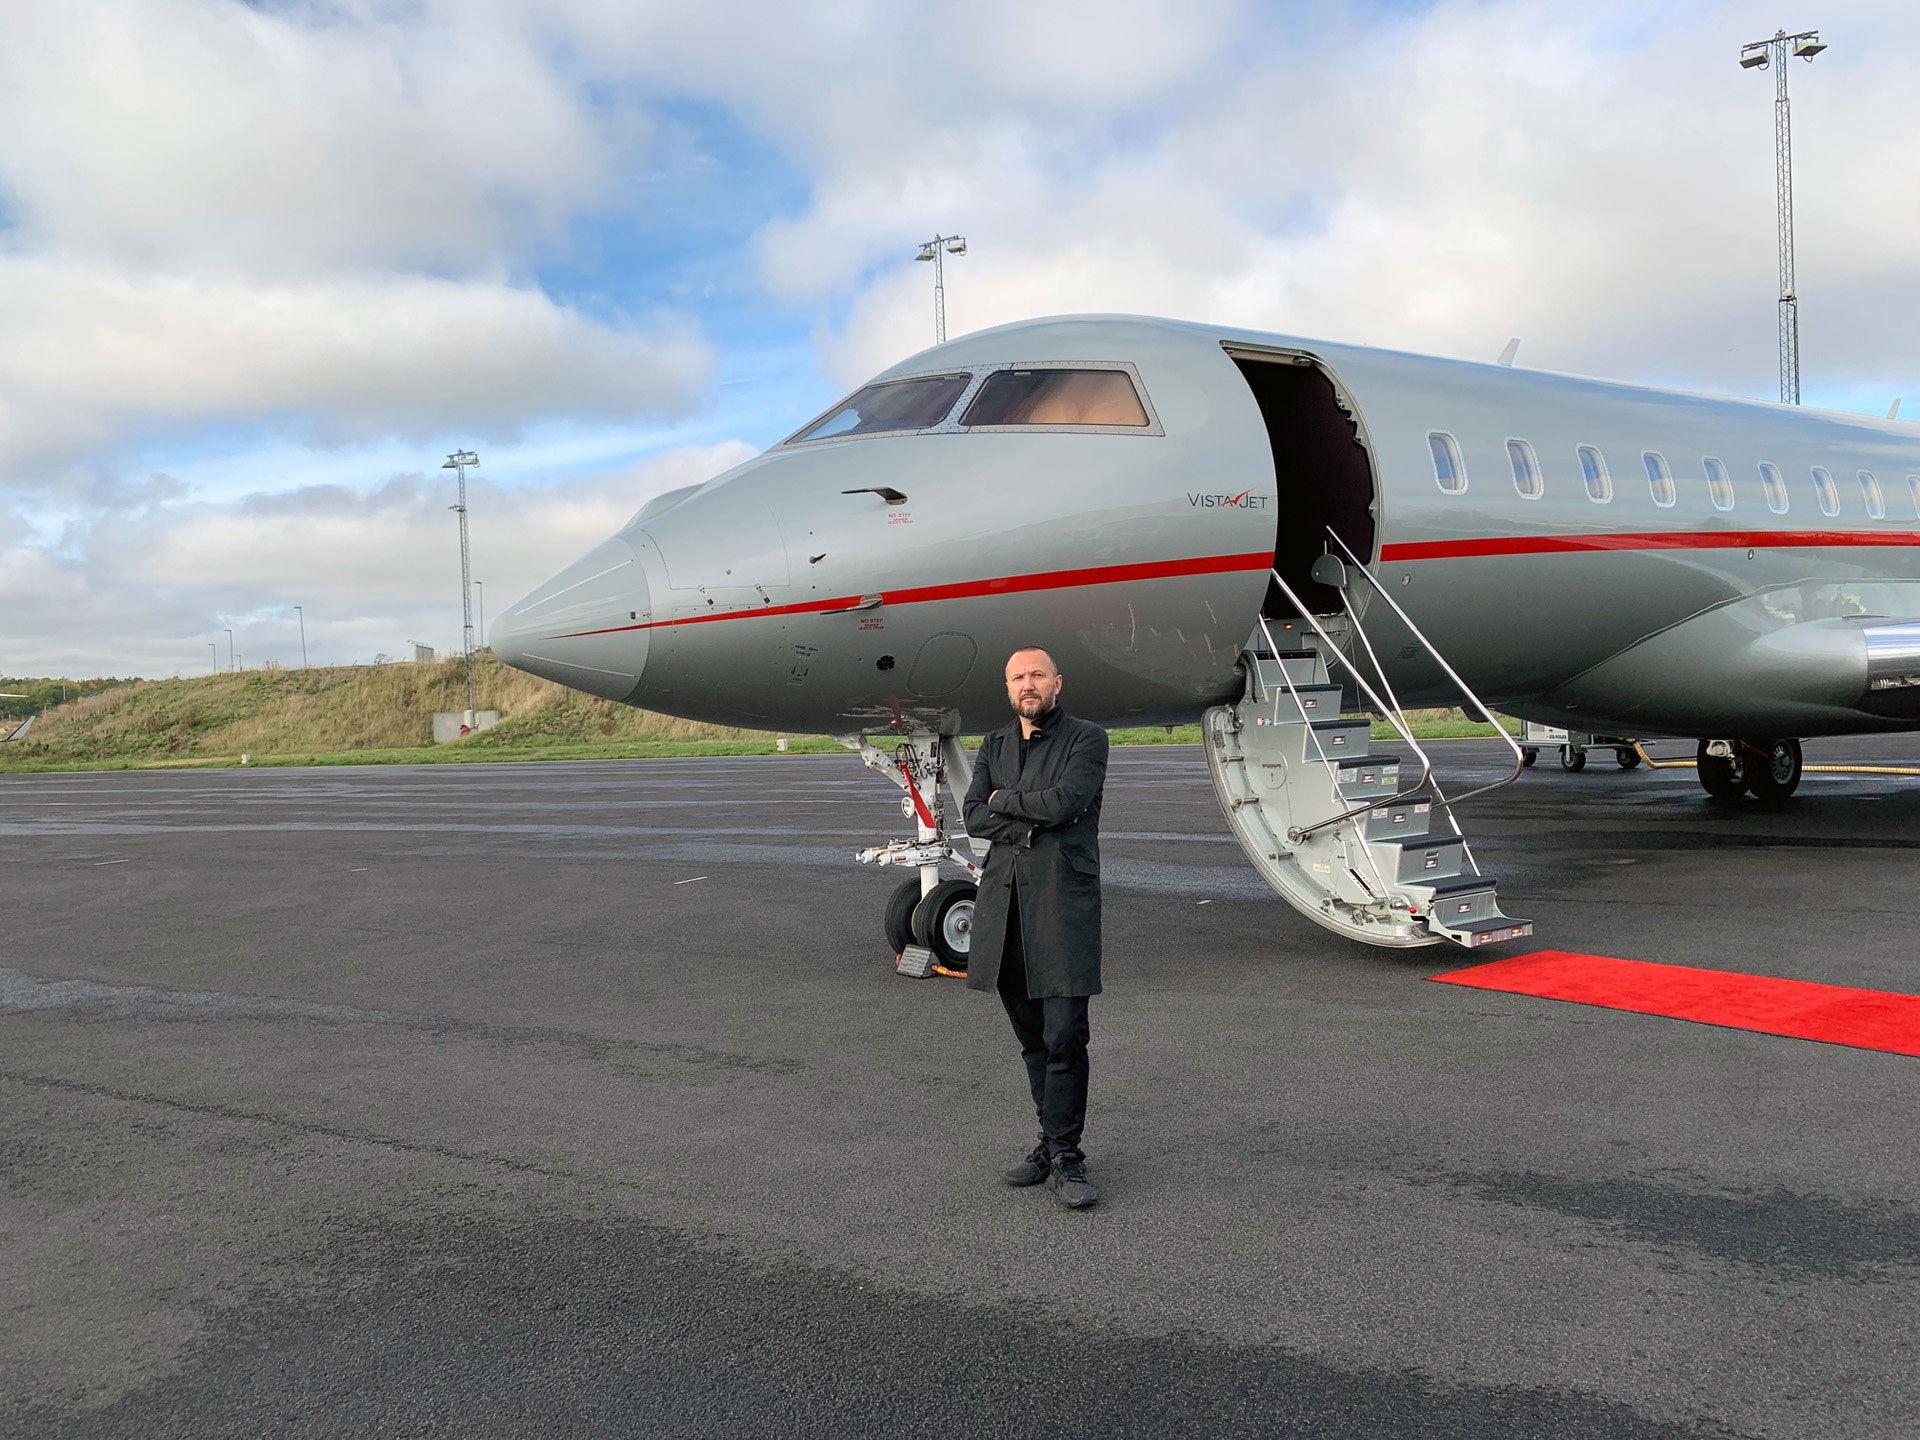 Vi har smakat på känslan av att ha ett privat jetplan